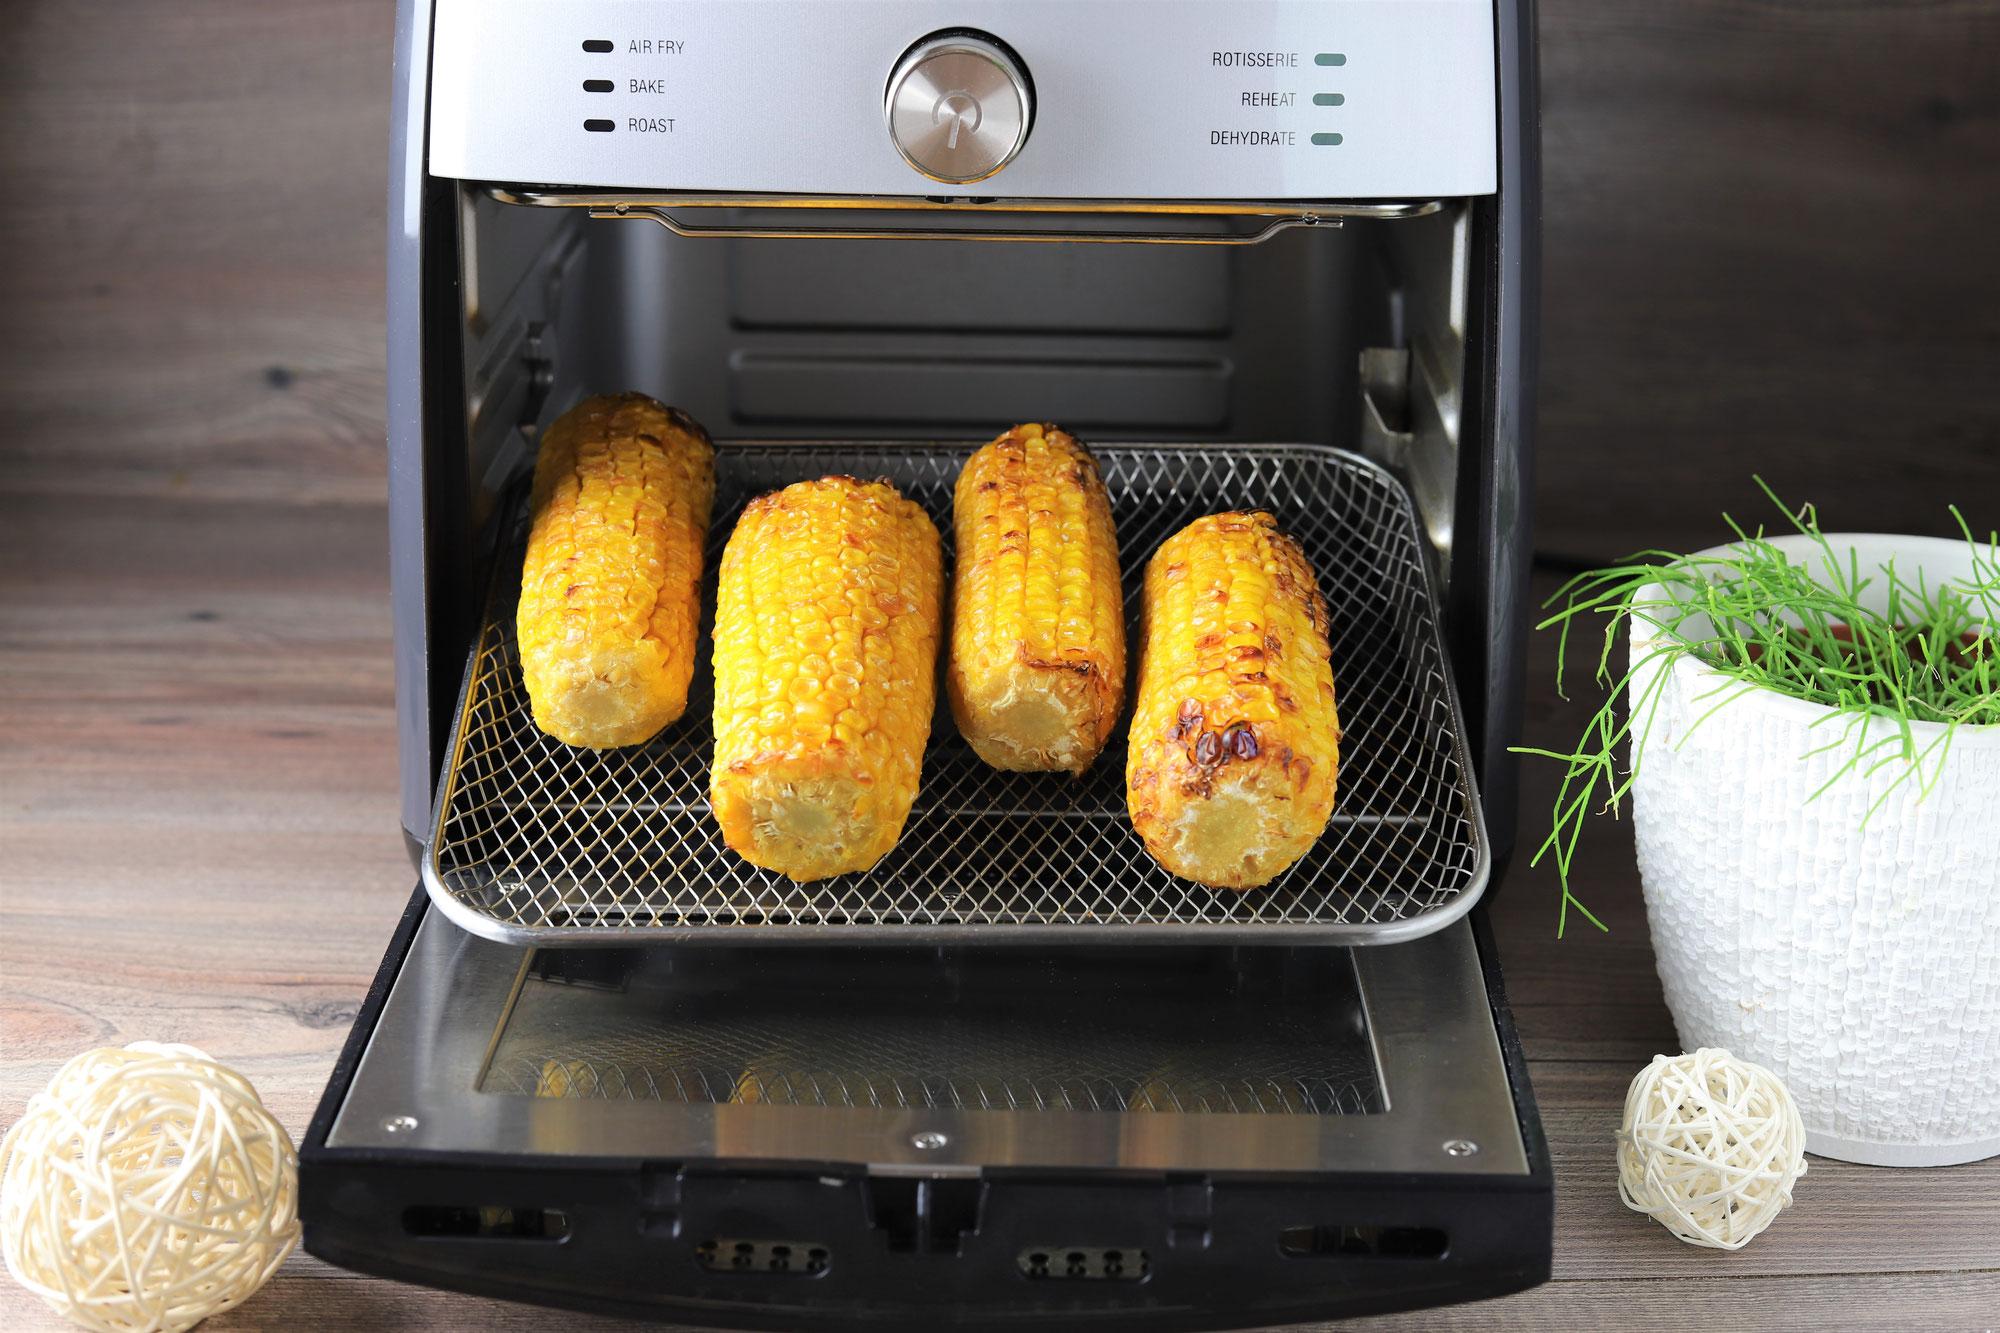 Maiskolben im Deluxe Air Fryer von Pampered Chef®